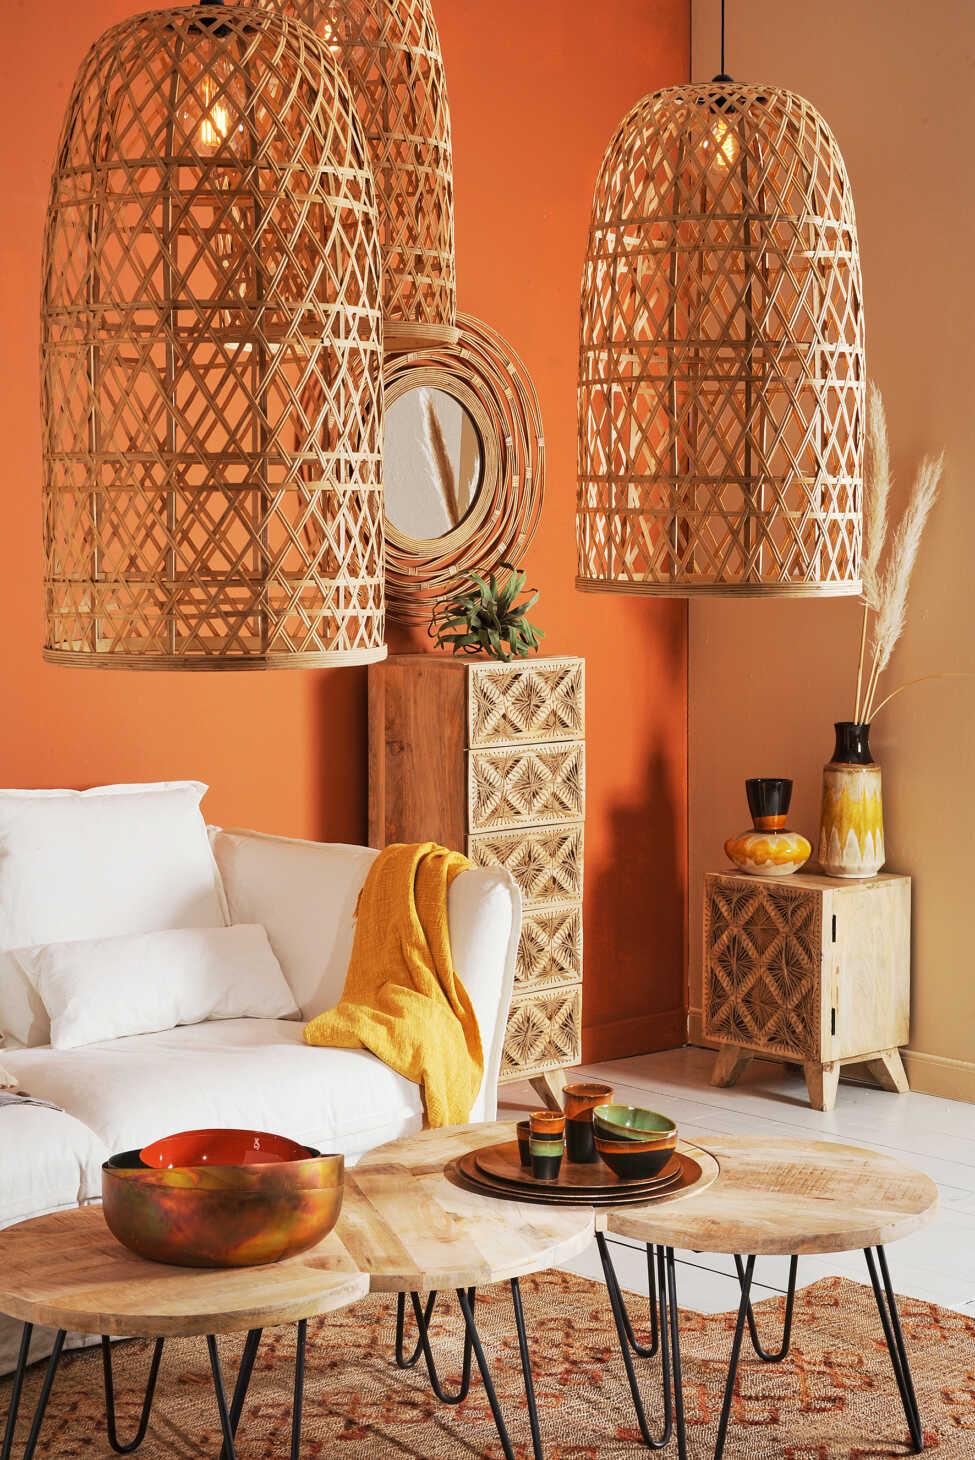 mobilier de vos rêves dans notre magasin de décoration de maison à Béziers